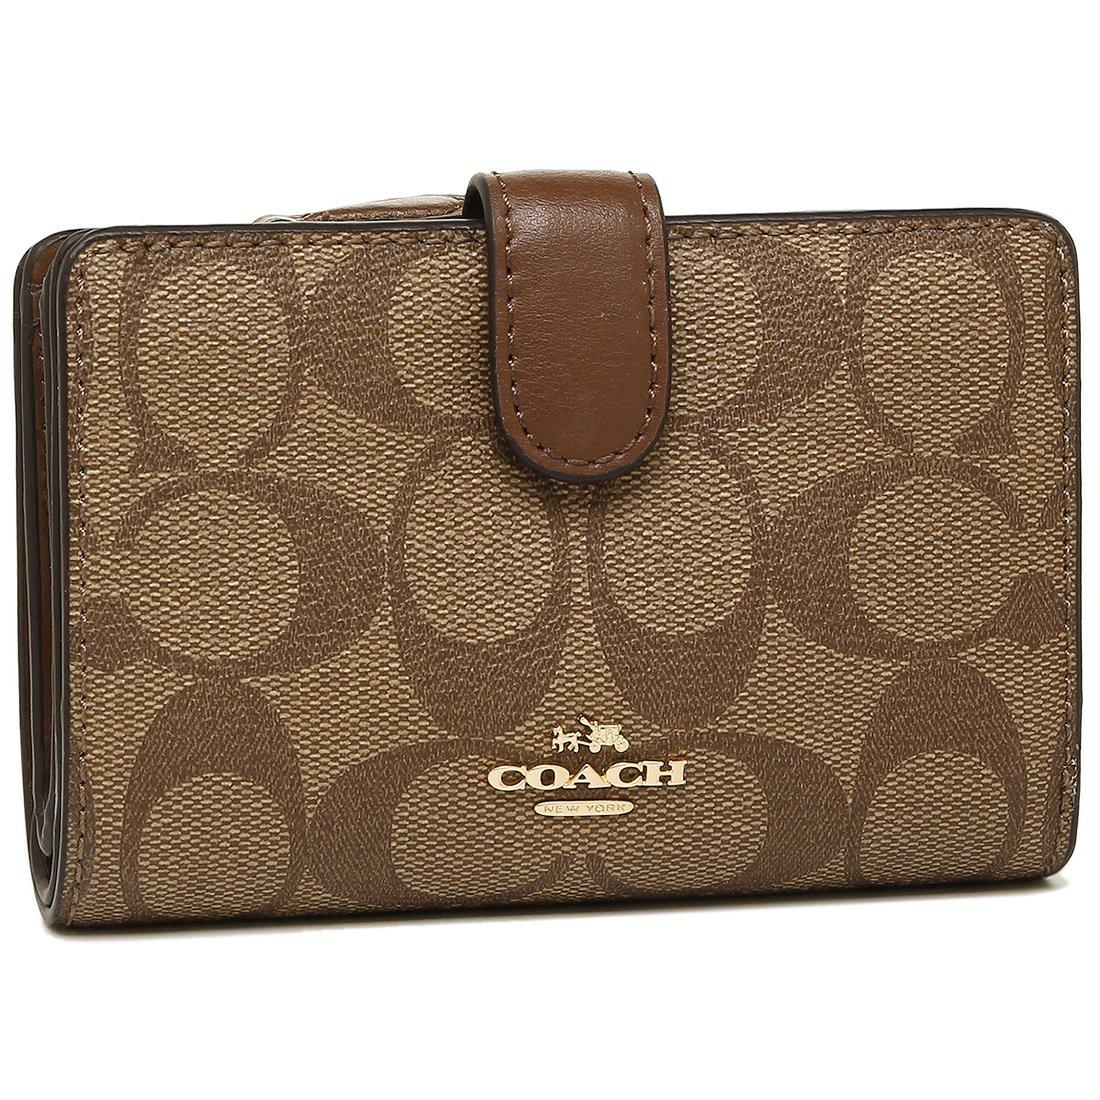 [コーチ] COACH 財布 (二つ折り財布) F23553 シグネチャー 二つ折り財布 レディース [アウトレット品] [並行輸入品] B077G8BV8K カーキ/プラチナ カーキ/プラチナ